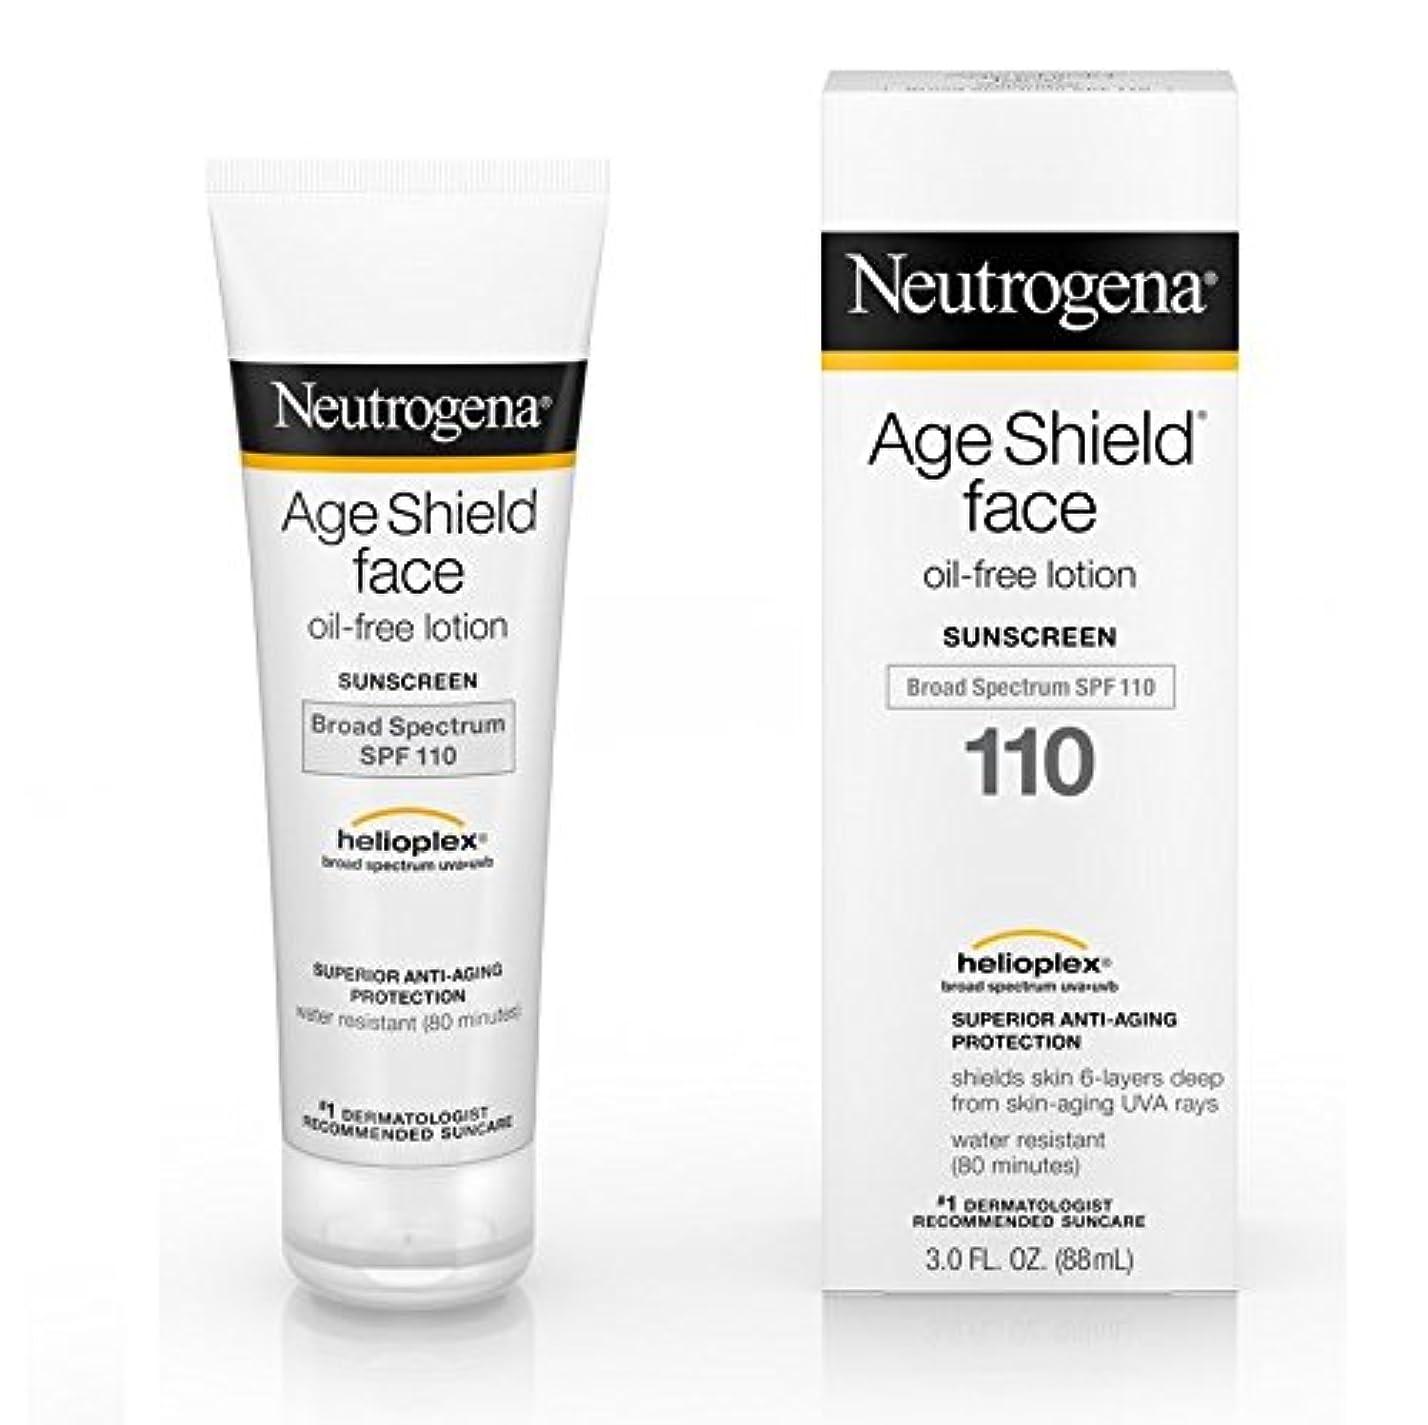 ずらす内訳長いです【海外直送品】Neutrogena Age Shield? Face Oil-Free Lotion Sunscreen Broad Spectrum SPF 110 - 3 FL OZ(88ml)